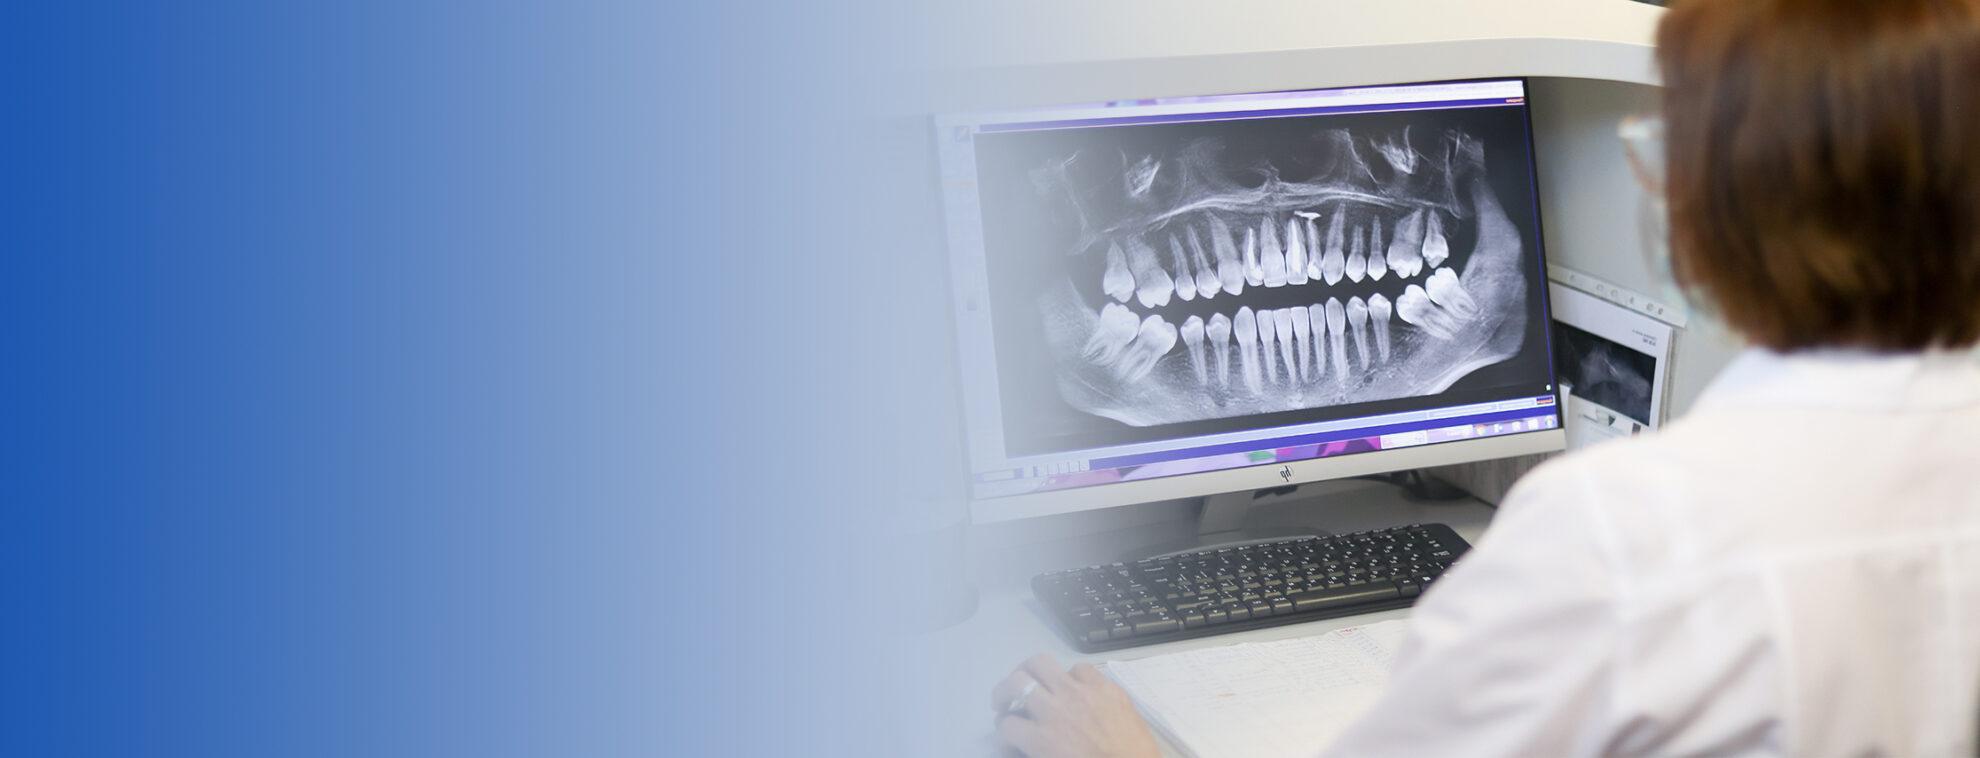 Экспертная расшифровка снимков <br>системой искусственного <br>интеллекта Diagnocat